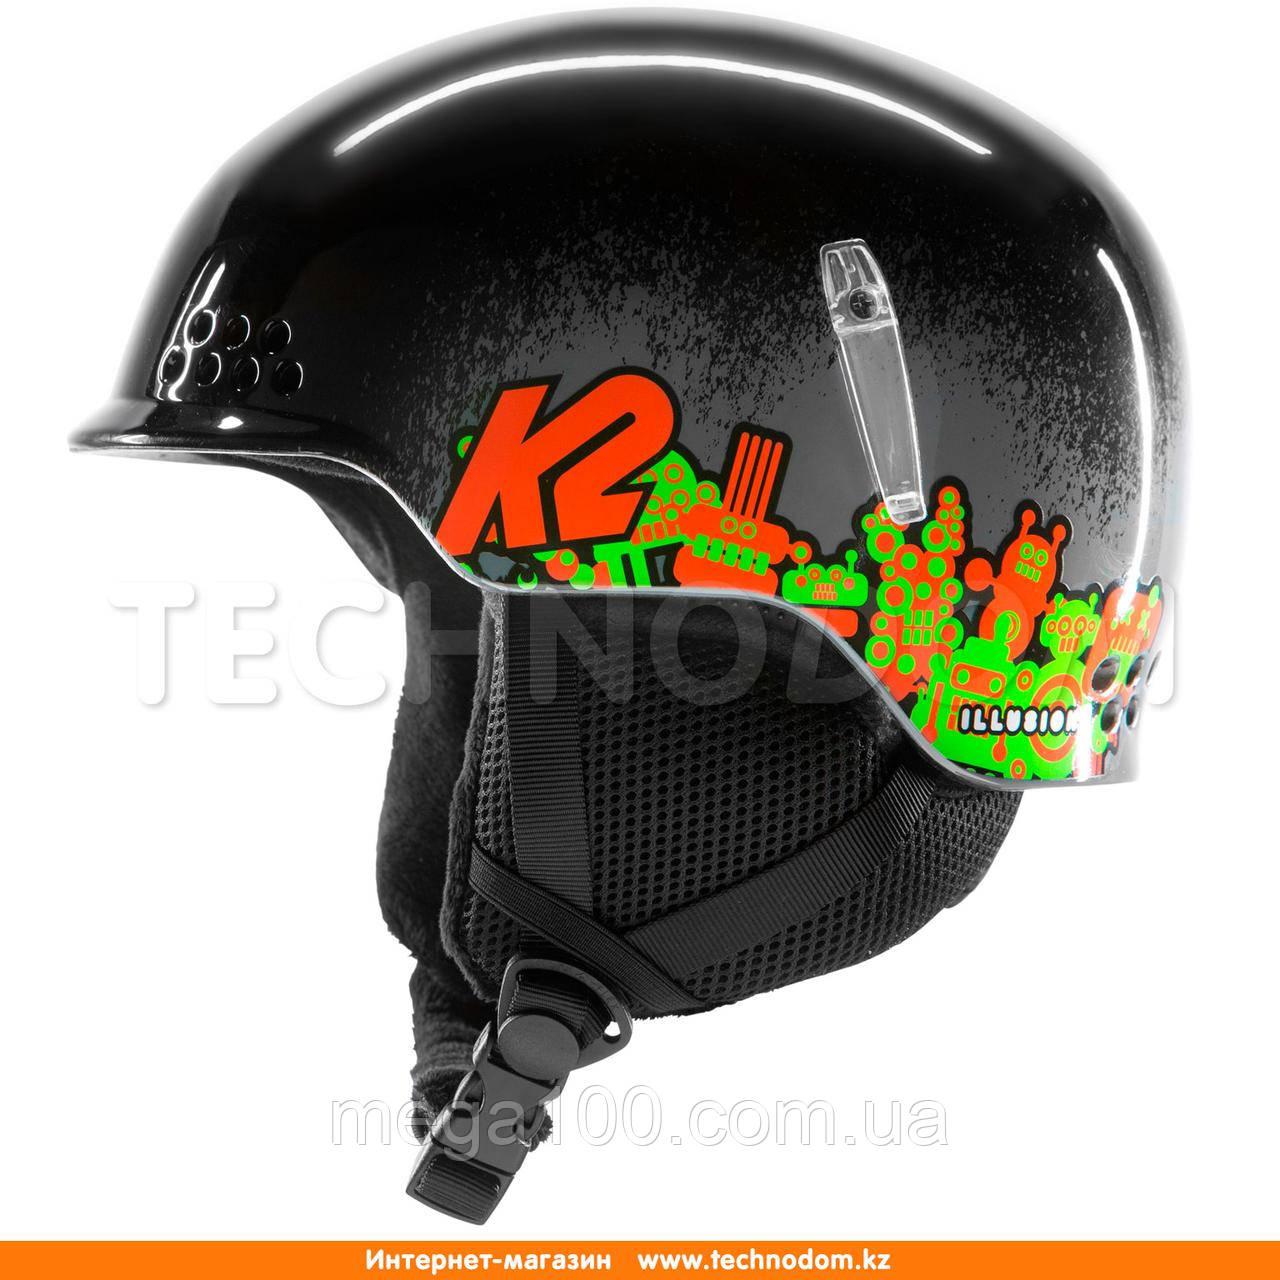 Шлем горнолыжный K2 Illusion EU